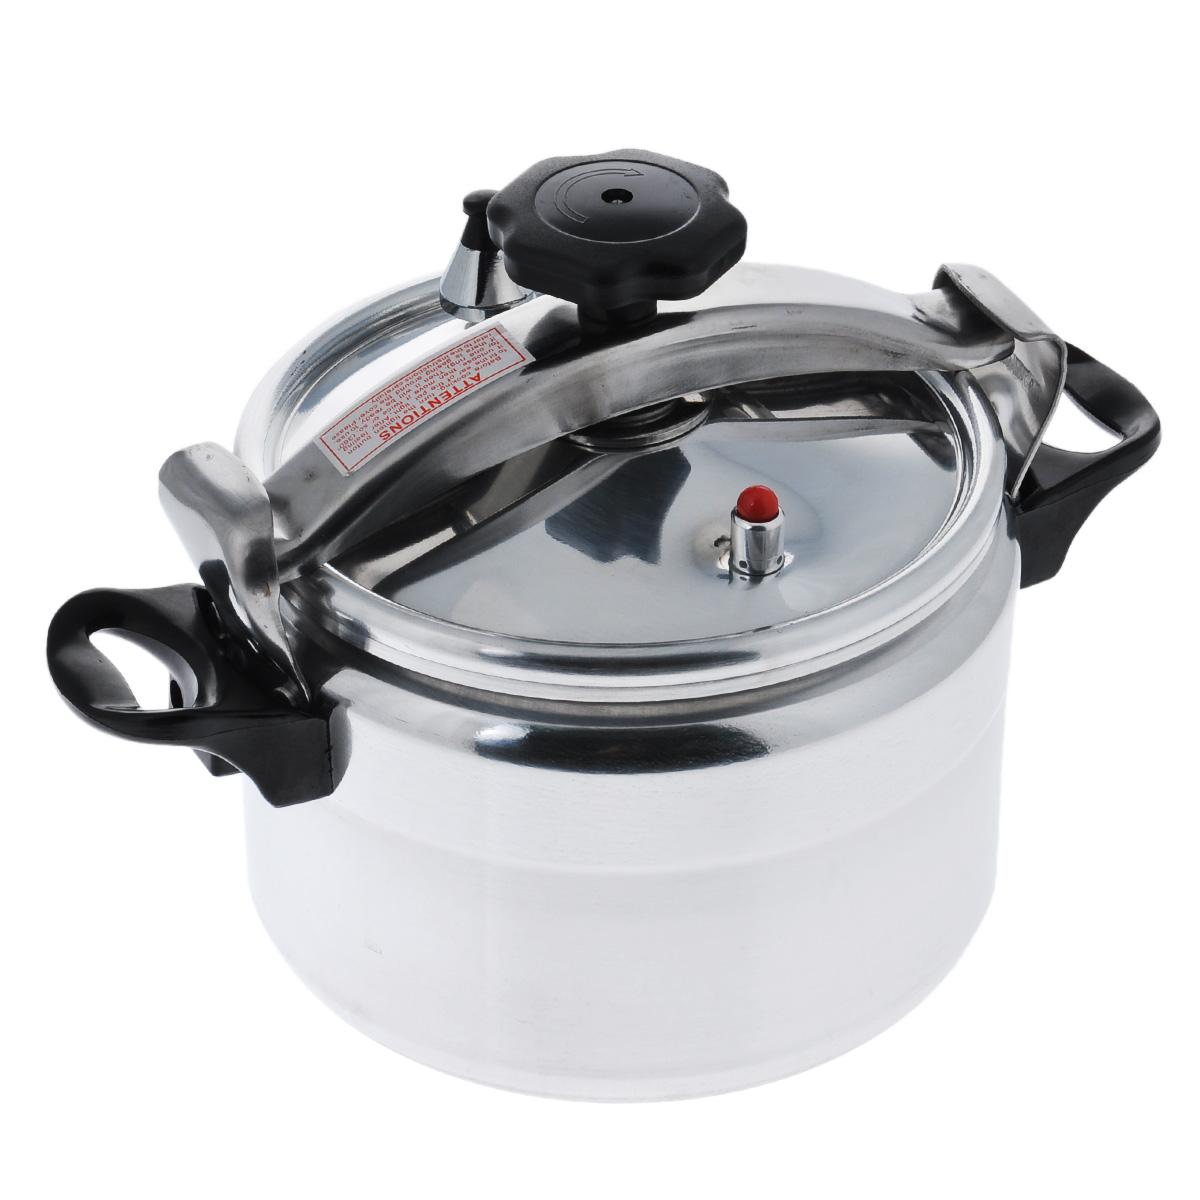 Скороварка Mayer & Boch, 7 л4992Скороварка Mayer & Boch изготовлена из высококачественного алюминия с зеркальной полировкой. Материал изделия безопасен для здоровья, гигиеничен, хорошо проводит тепло и легко чистится. Изделие устойчиво к механическим повреждениям, равномерно распределяет тепло и экономит энергию. Скороварка готовит при высоких температурах. Плотно прилегающая крышка из нержавеющей стали, и дополнительное уплотнительное кольцо предотвращают выход пара. Горячий пар распределяется по всей внутренней поверхности изделия, что позволяет готовить здоровую и вкусную пищу намного быстрее. Основное преимущество скороварок в том, что при готовке все питательные вещества и микроэлементы сохраняются. Эргономичные бакелитовые ручки обеспечивают удобный захват.Скороварка Mayer & Boch послужит прекрасным помощником для вас и членов вашей семьи. Подходит для использования на всех типах плит, кроме индукционных. Можно мыть в посудомоечной машине.Высота стенки: 16,5 см. Диаметр по верхнему краю: 24 см. Толщина дна: 2 см. Толщина стенки: 2 мм. Диаметр дна: 20 см.